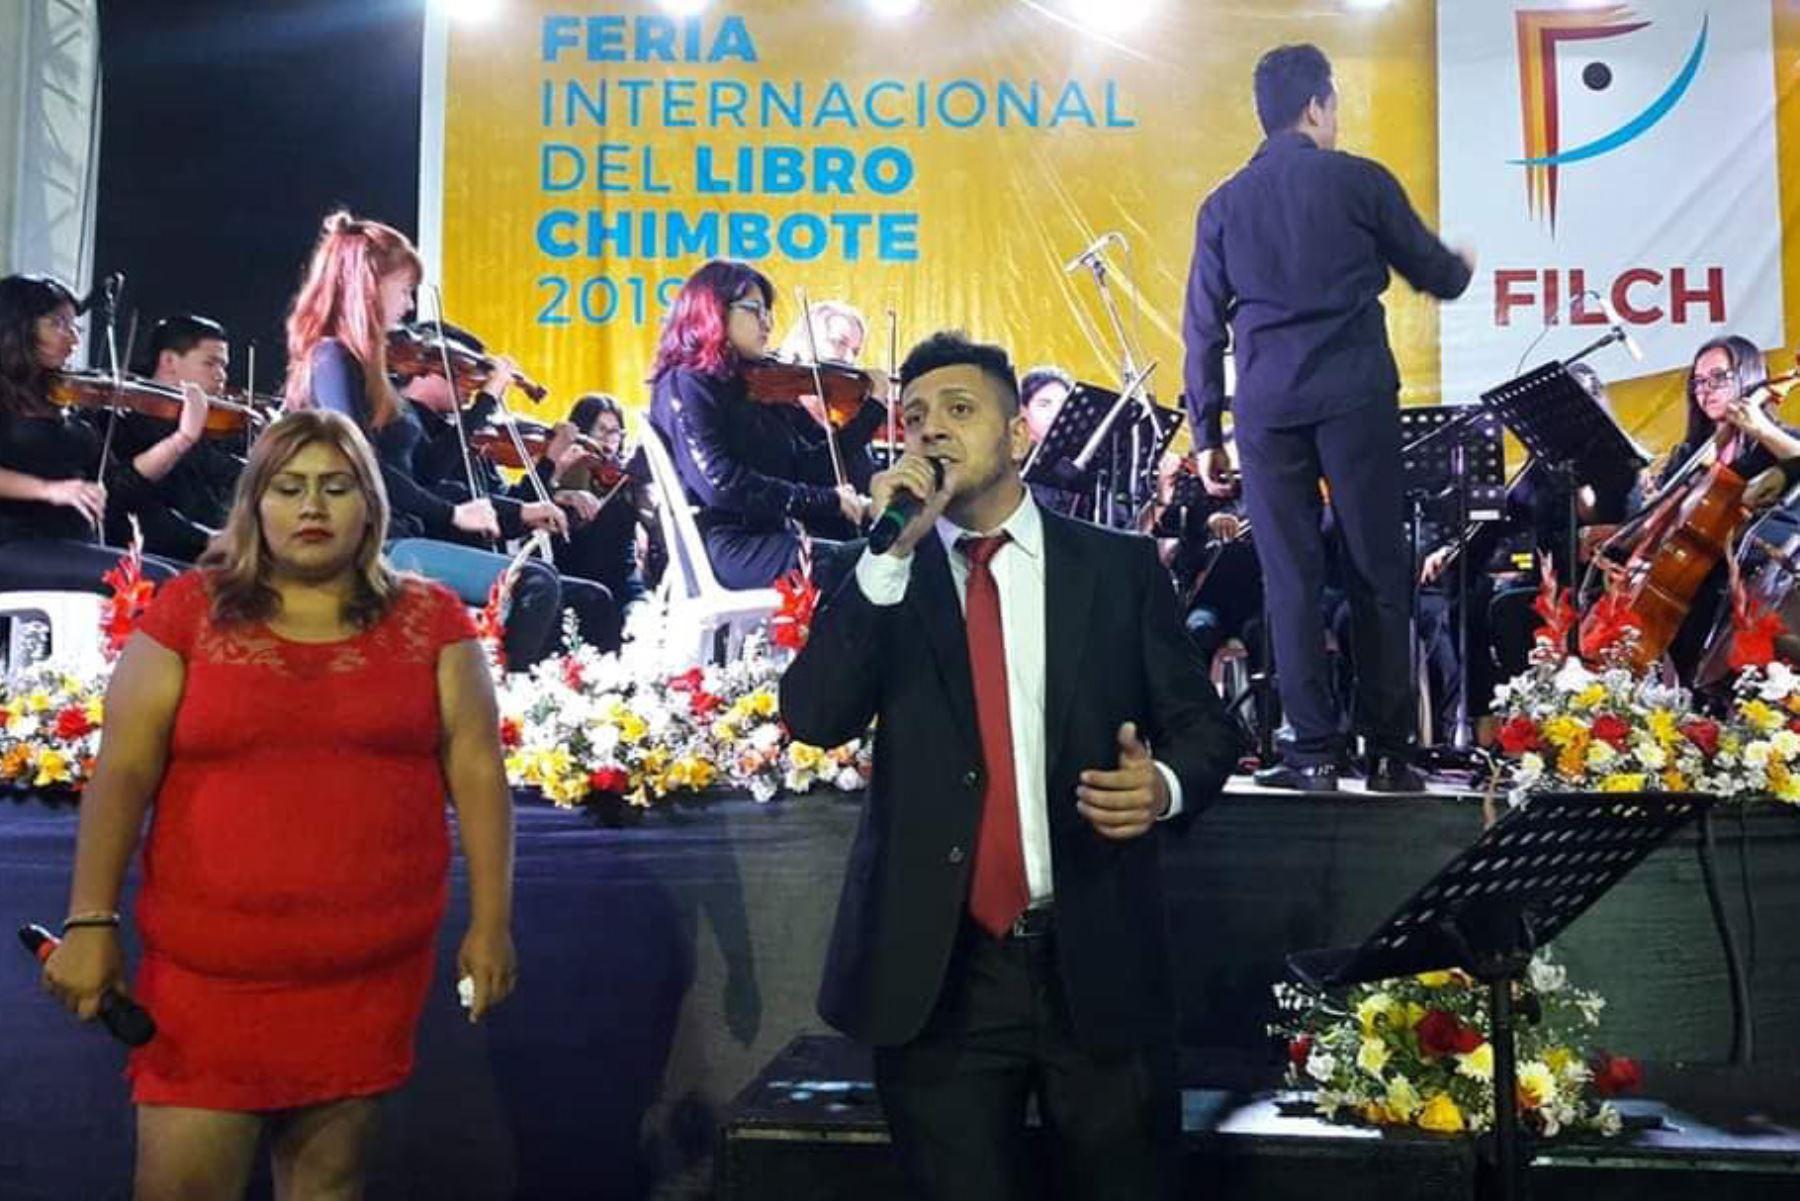 Internos del penal Cambio Puente participan en concierto en Feria Internacional del Libro de Chimbote, en Áncash. Foto: Gonzalo Horna